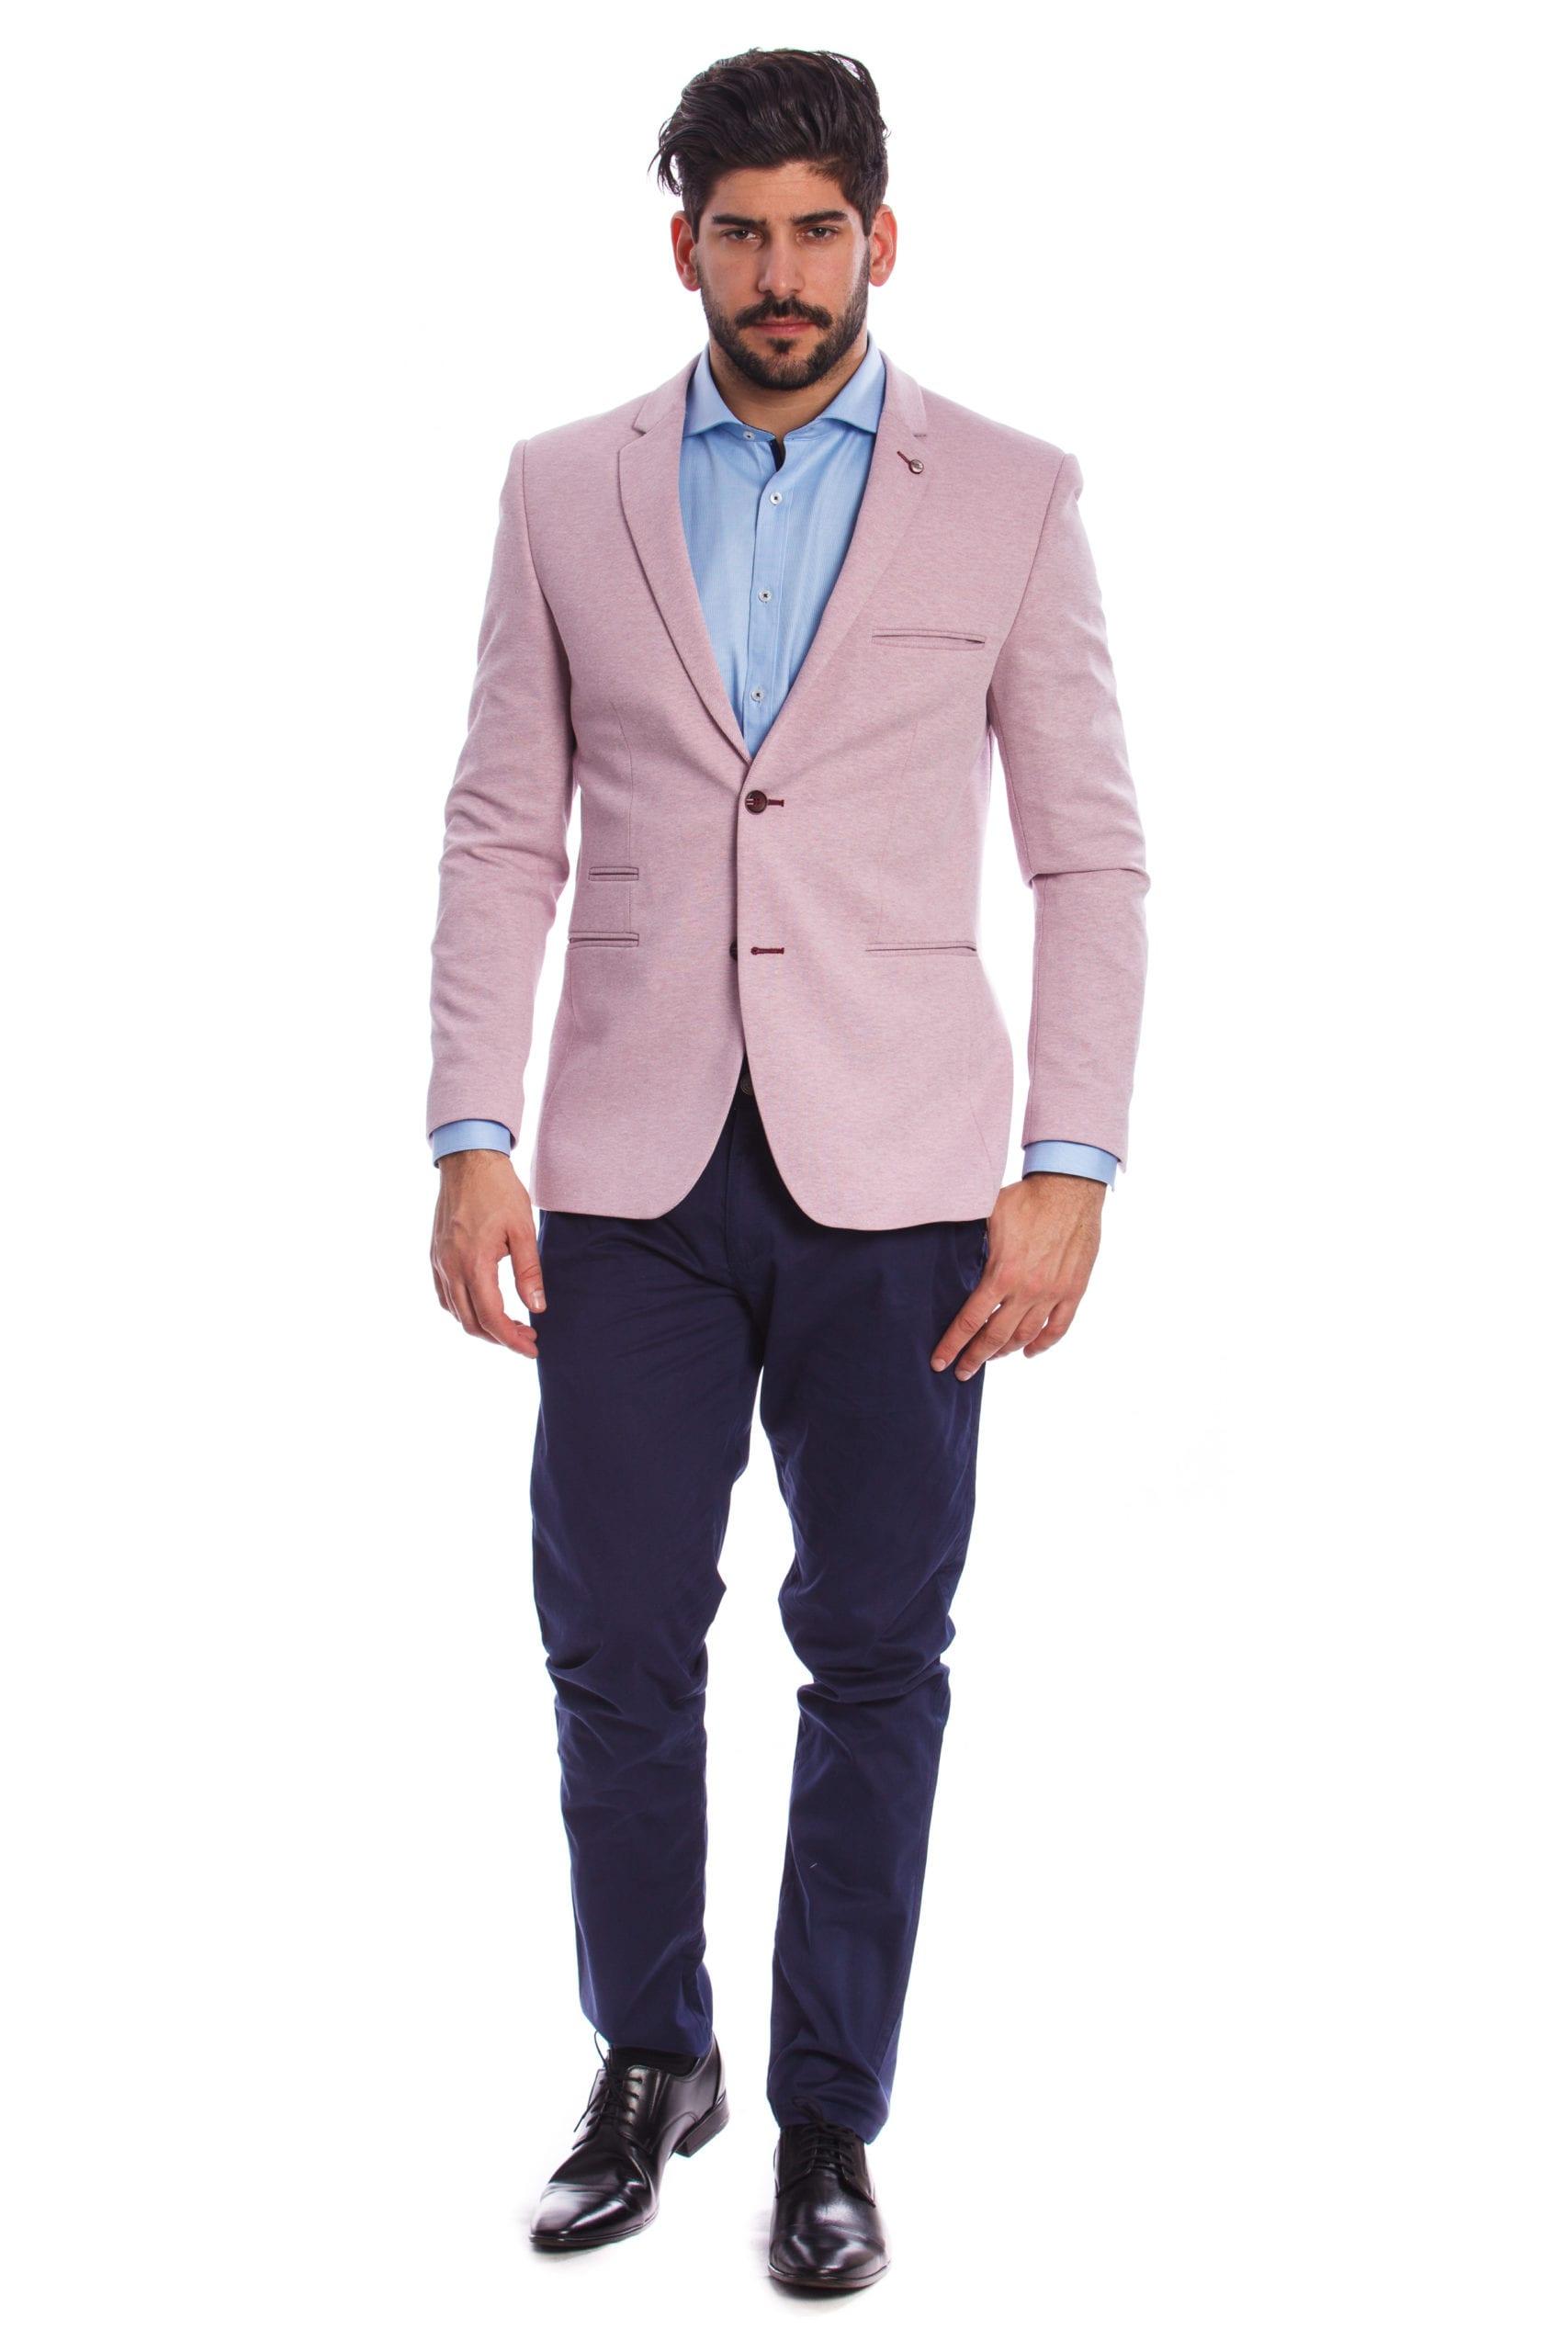 cda563d050 Brindisi Rózsaszín Slim Fit Sportzakó - Elite Fashion Öltönyház